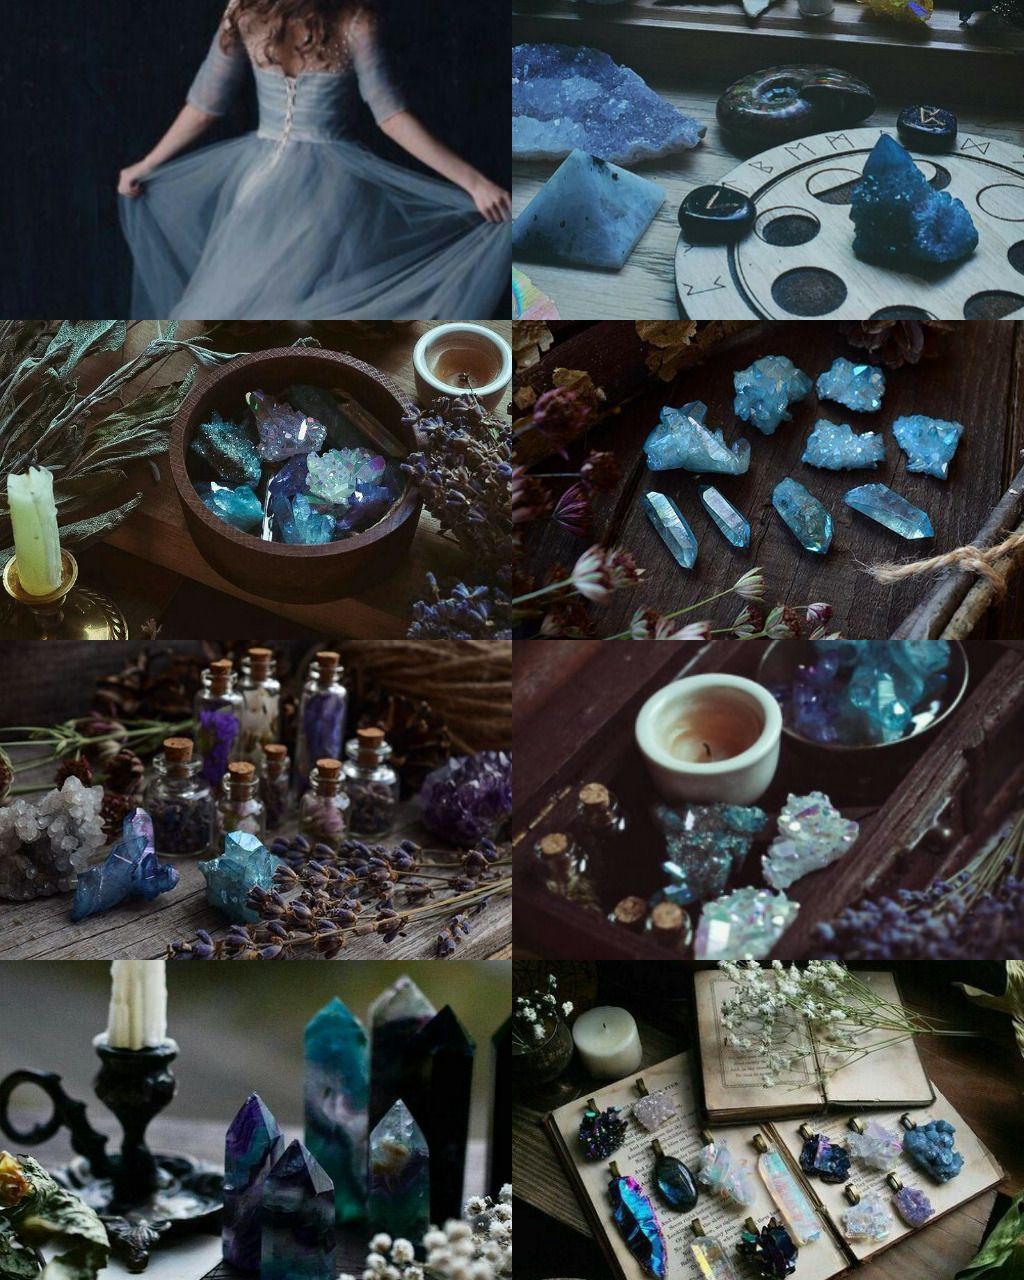 Blue witch aesthetic | Witch aesthetic, Witch, Water witch